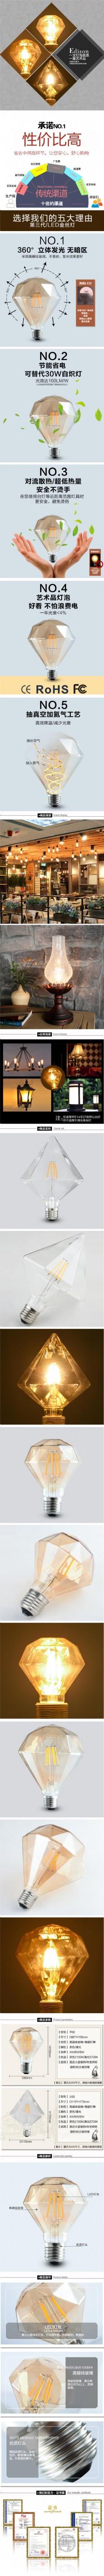 淘宝电商家用电器创意灯泡灯饰详情模板